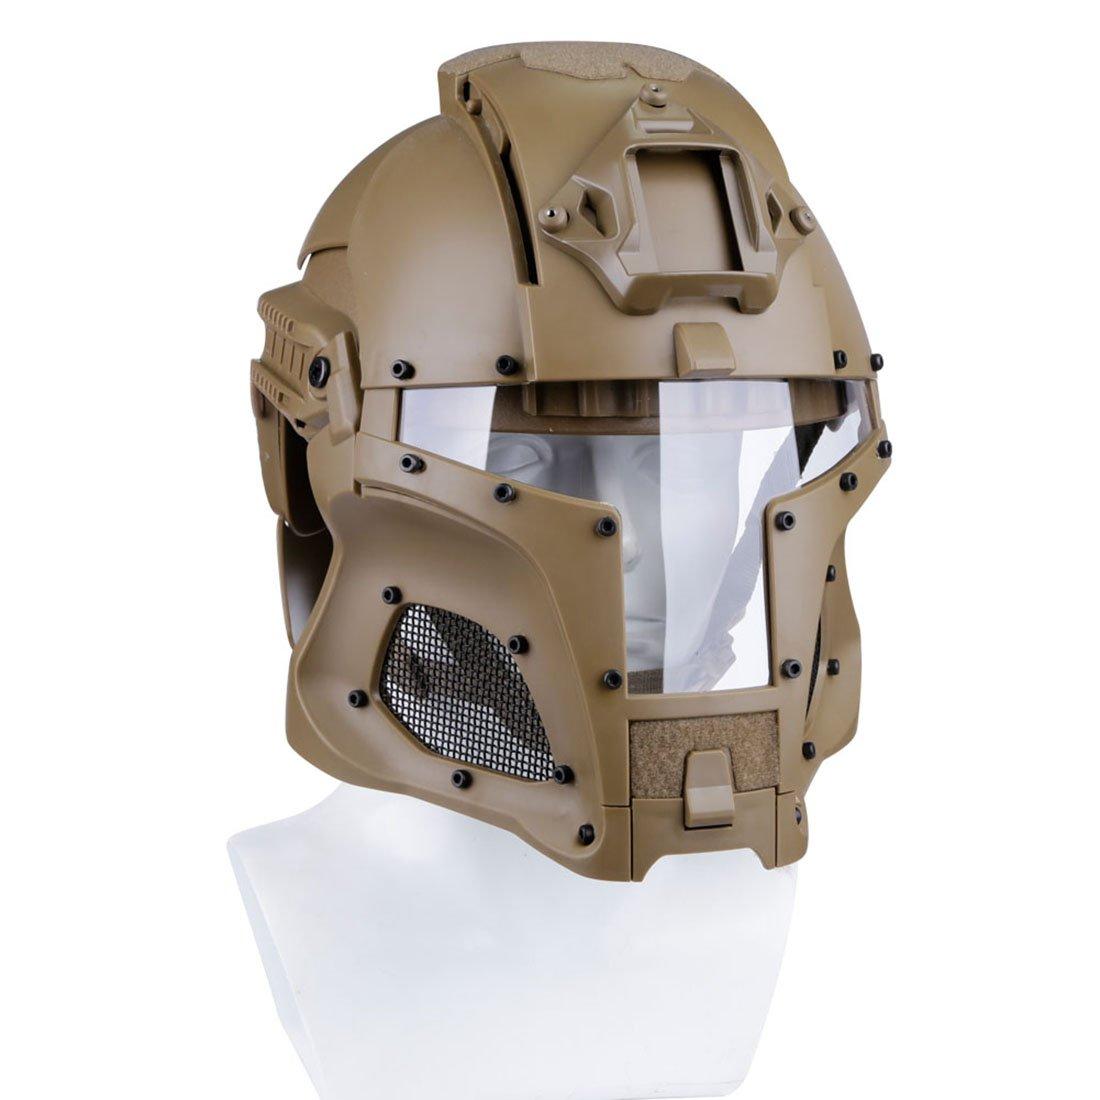 Yakok Casco de caballero medieval Airsoft de hierro táctico protector casco Airsoft máscara y gafas de cara completa para Airsoft, CS, juego de paintball, 54 – 64 cm, color canela, tamaño 30*22*22cm 54 - 64 cm